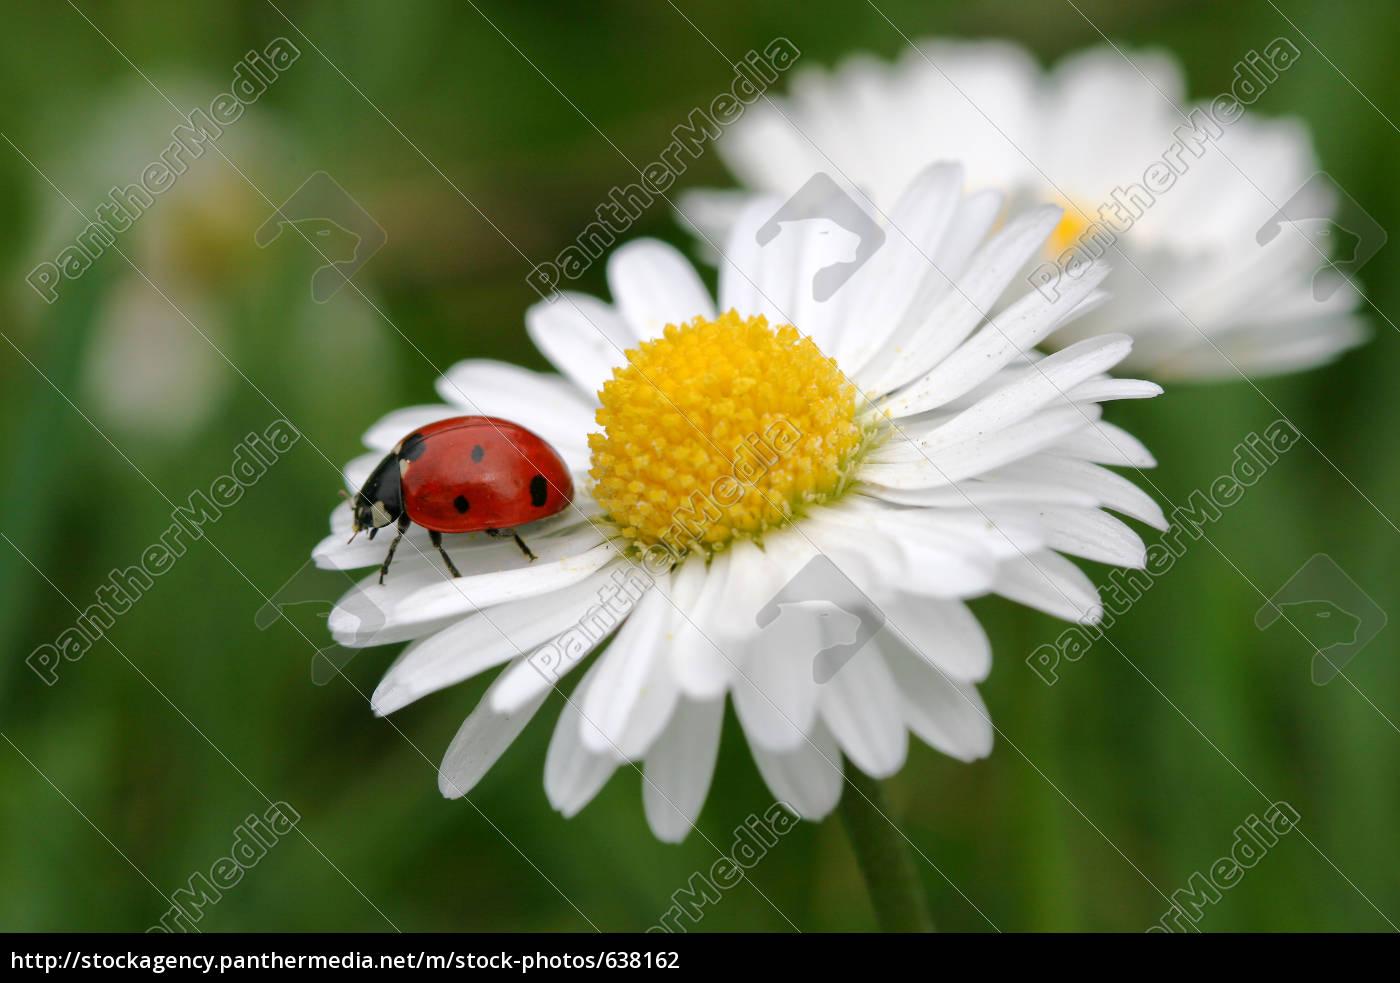 daisy - 638162